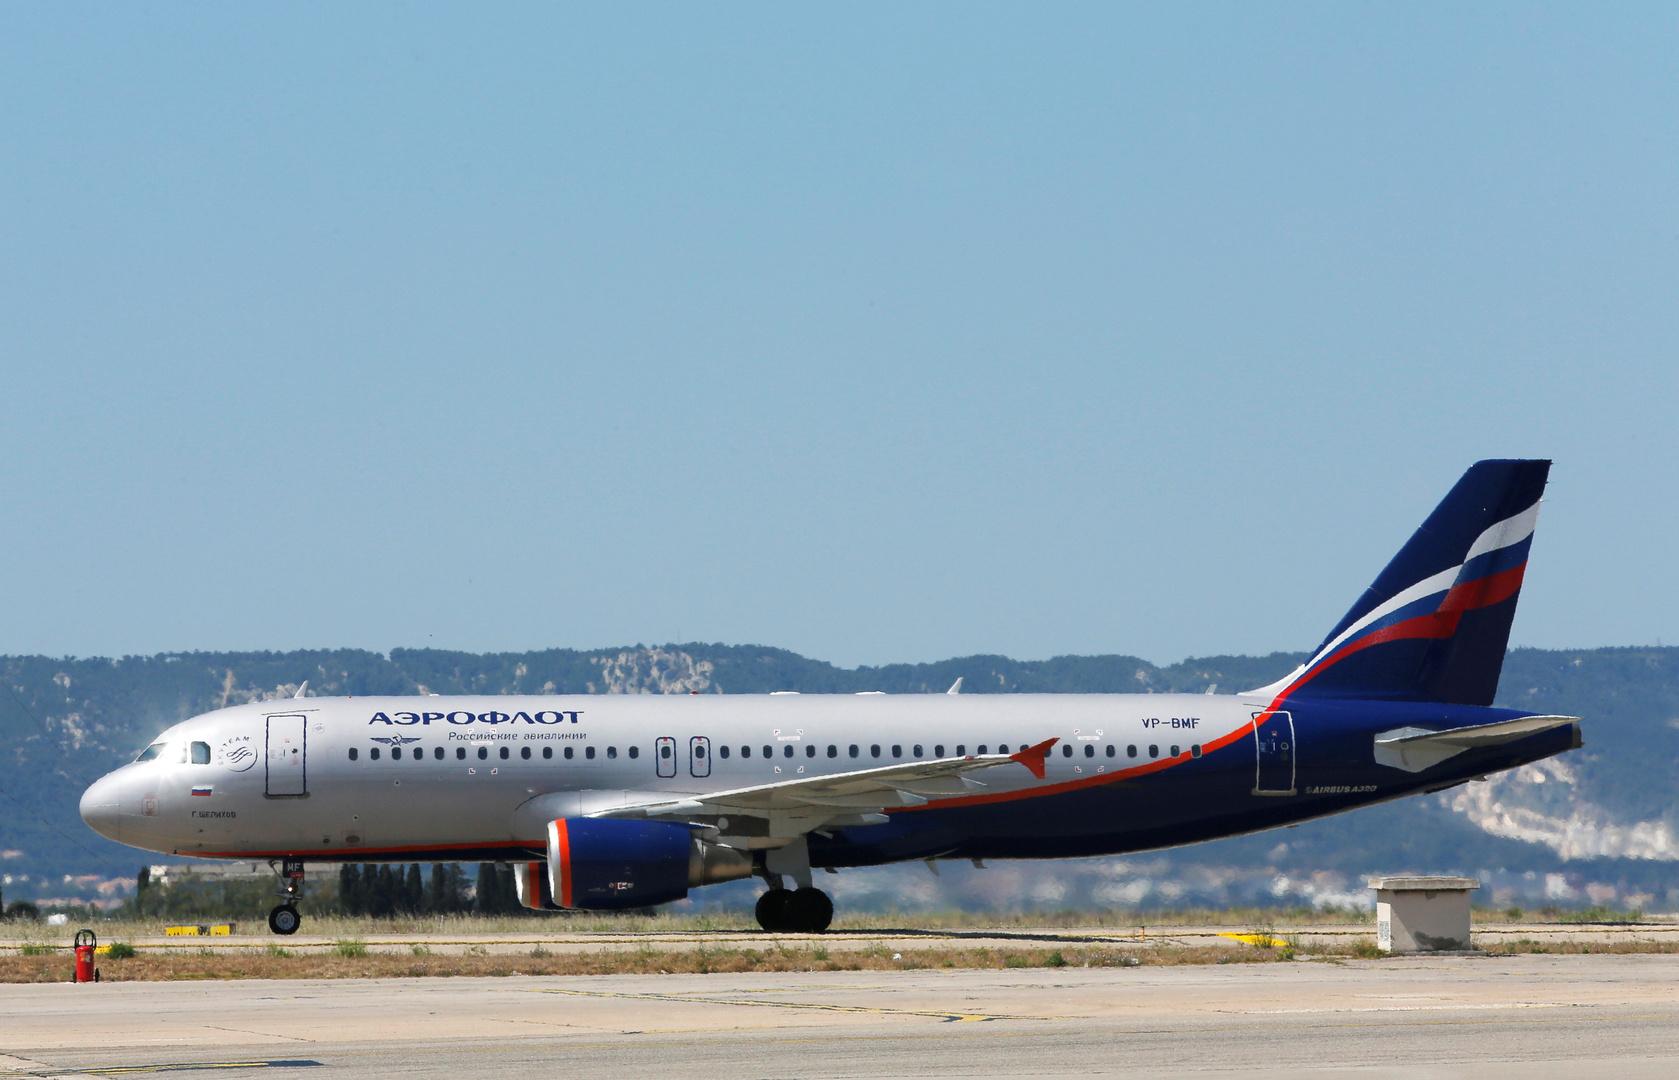 طائرة تابعة لشركة ايروفلوت الروسية